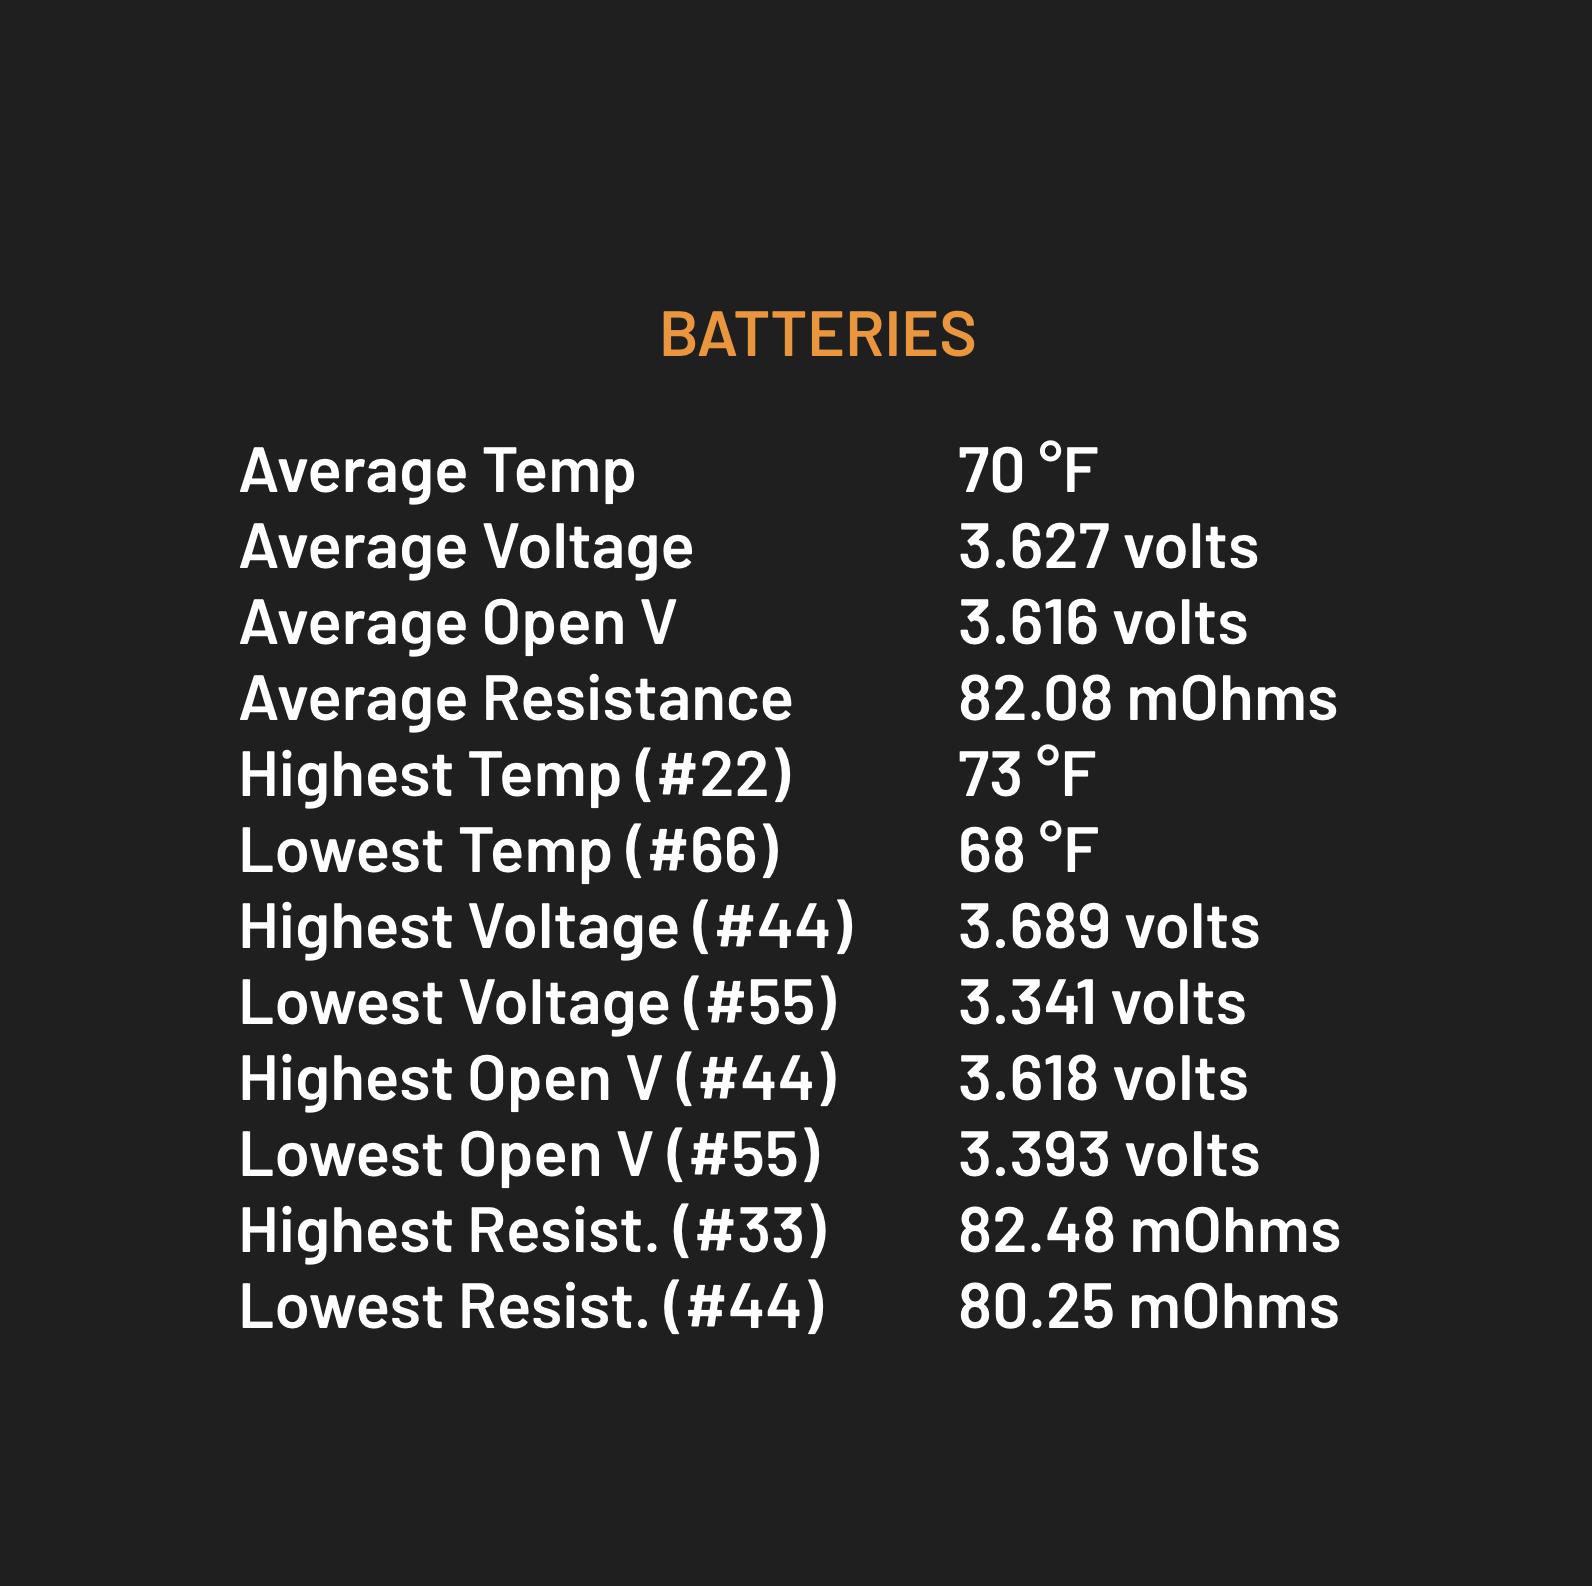 BatteryDiag.png